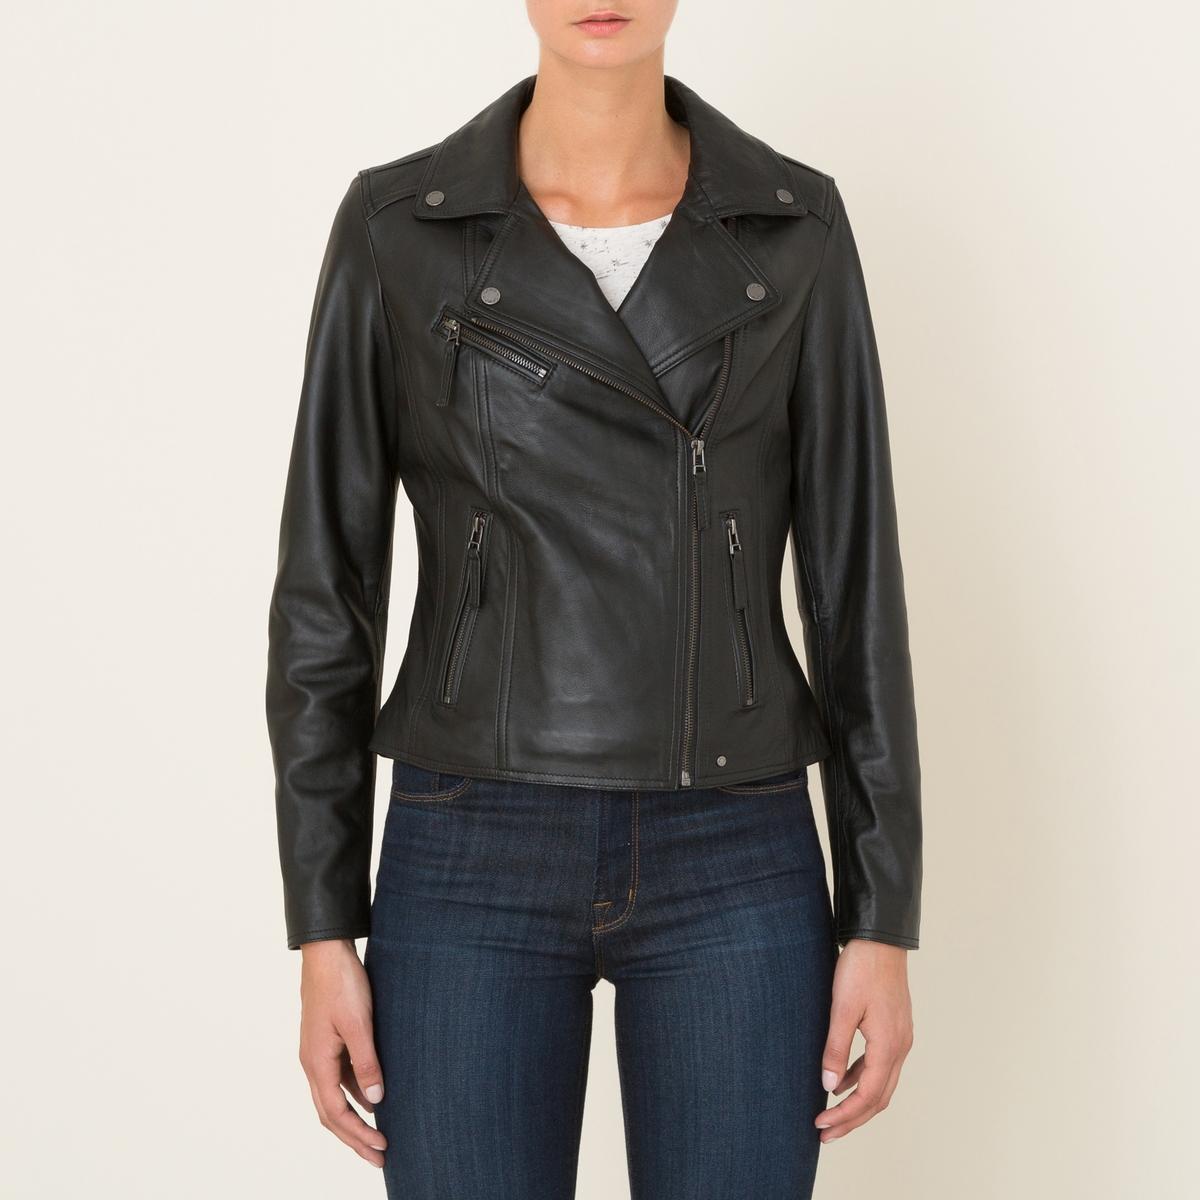 Блузон кожаный на молнии CLIP блузон кожаный